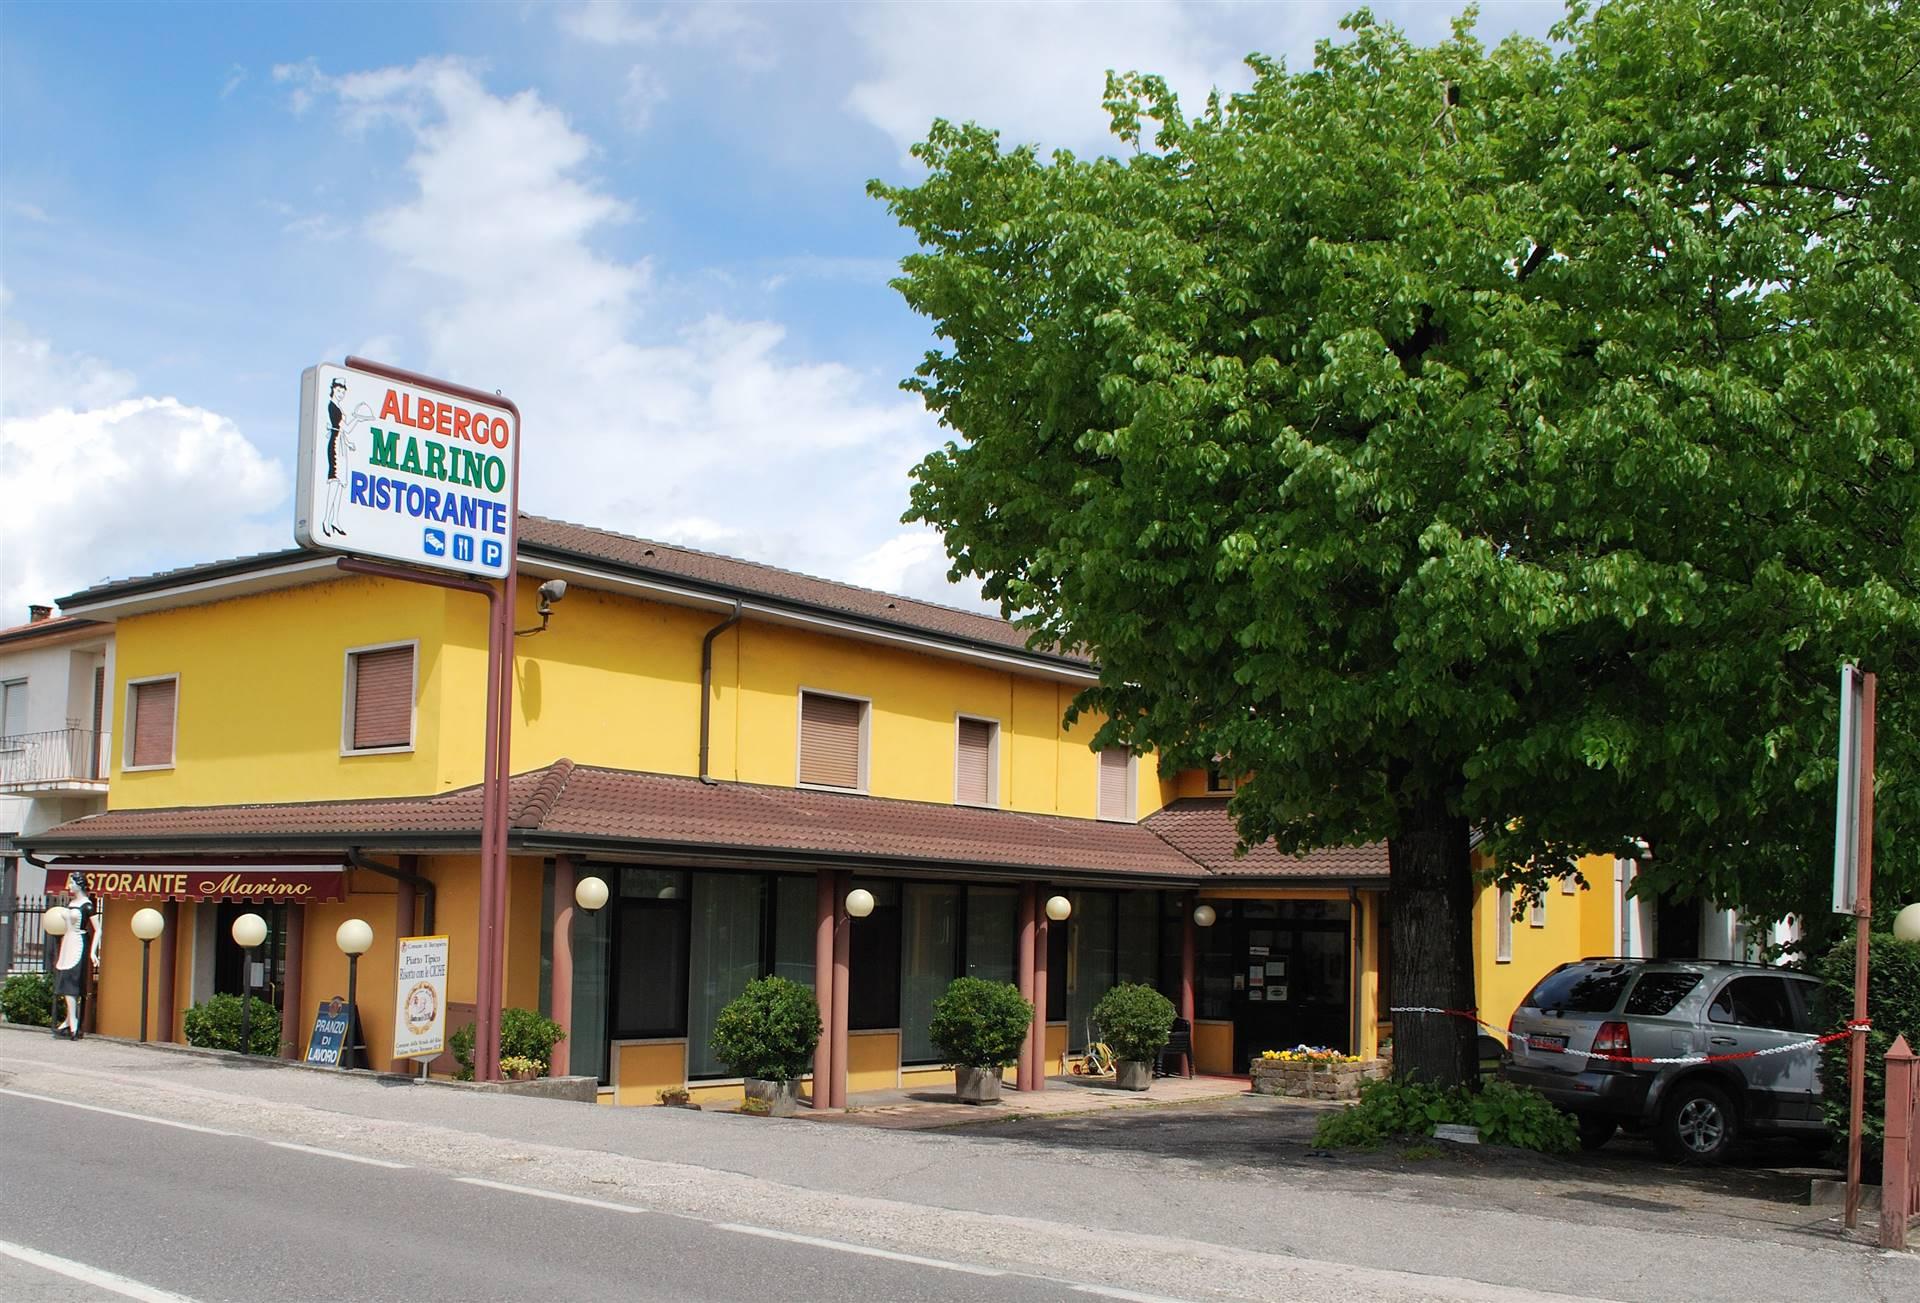 Albergo in vendita a Buttapietra, 9999 locali, prezzo € 700.000 | CambioCasa.it